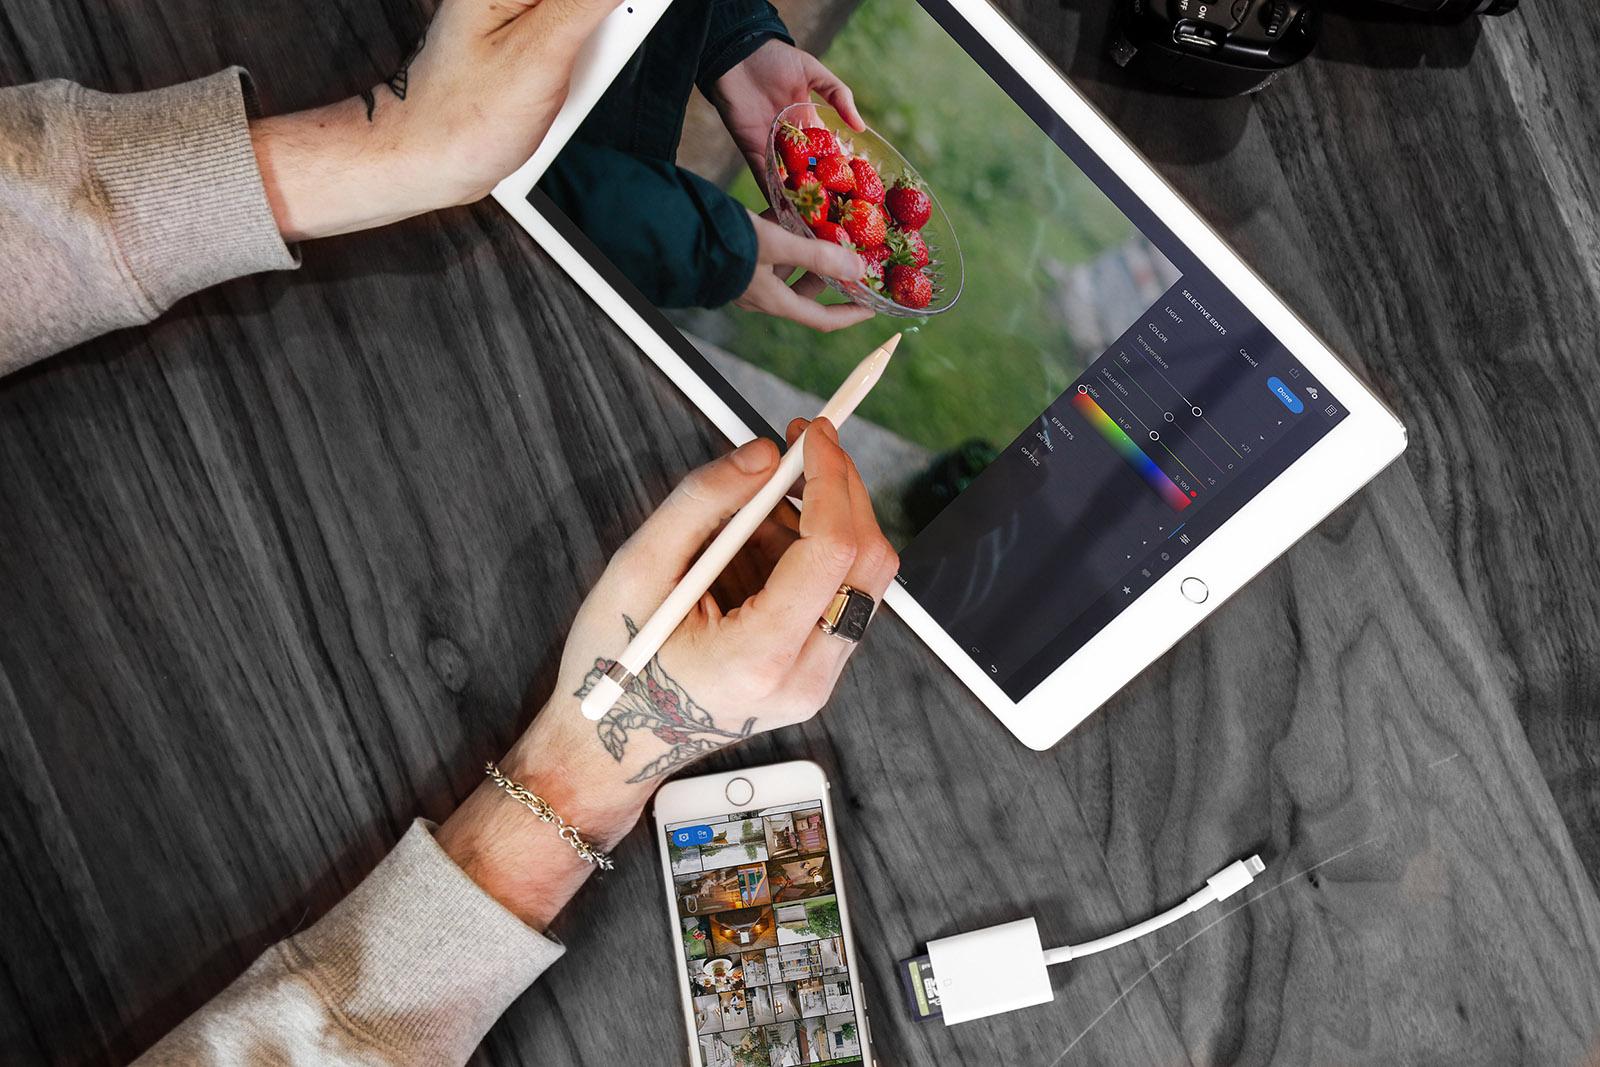 Adobe lên kế hoạch Photoshop phiên bản đầy đủ cho iPad vào năm 2019